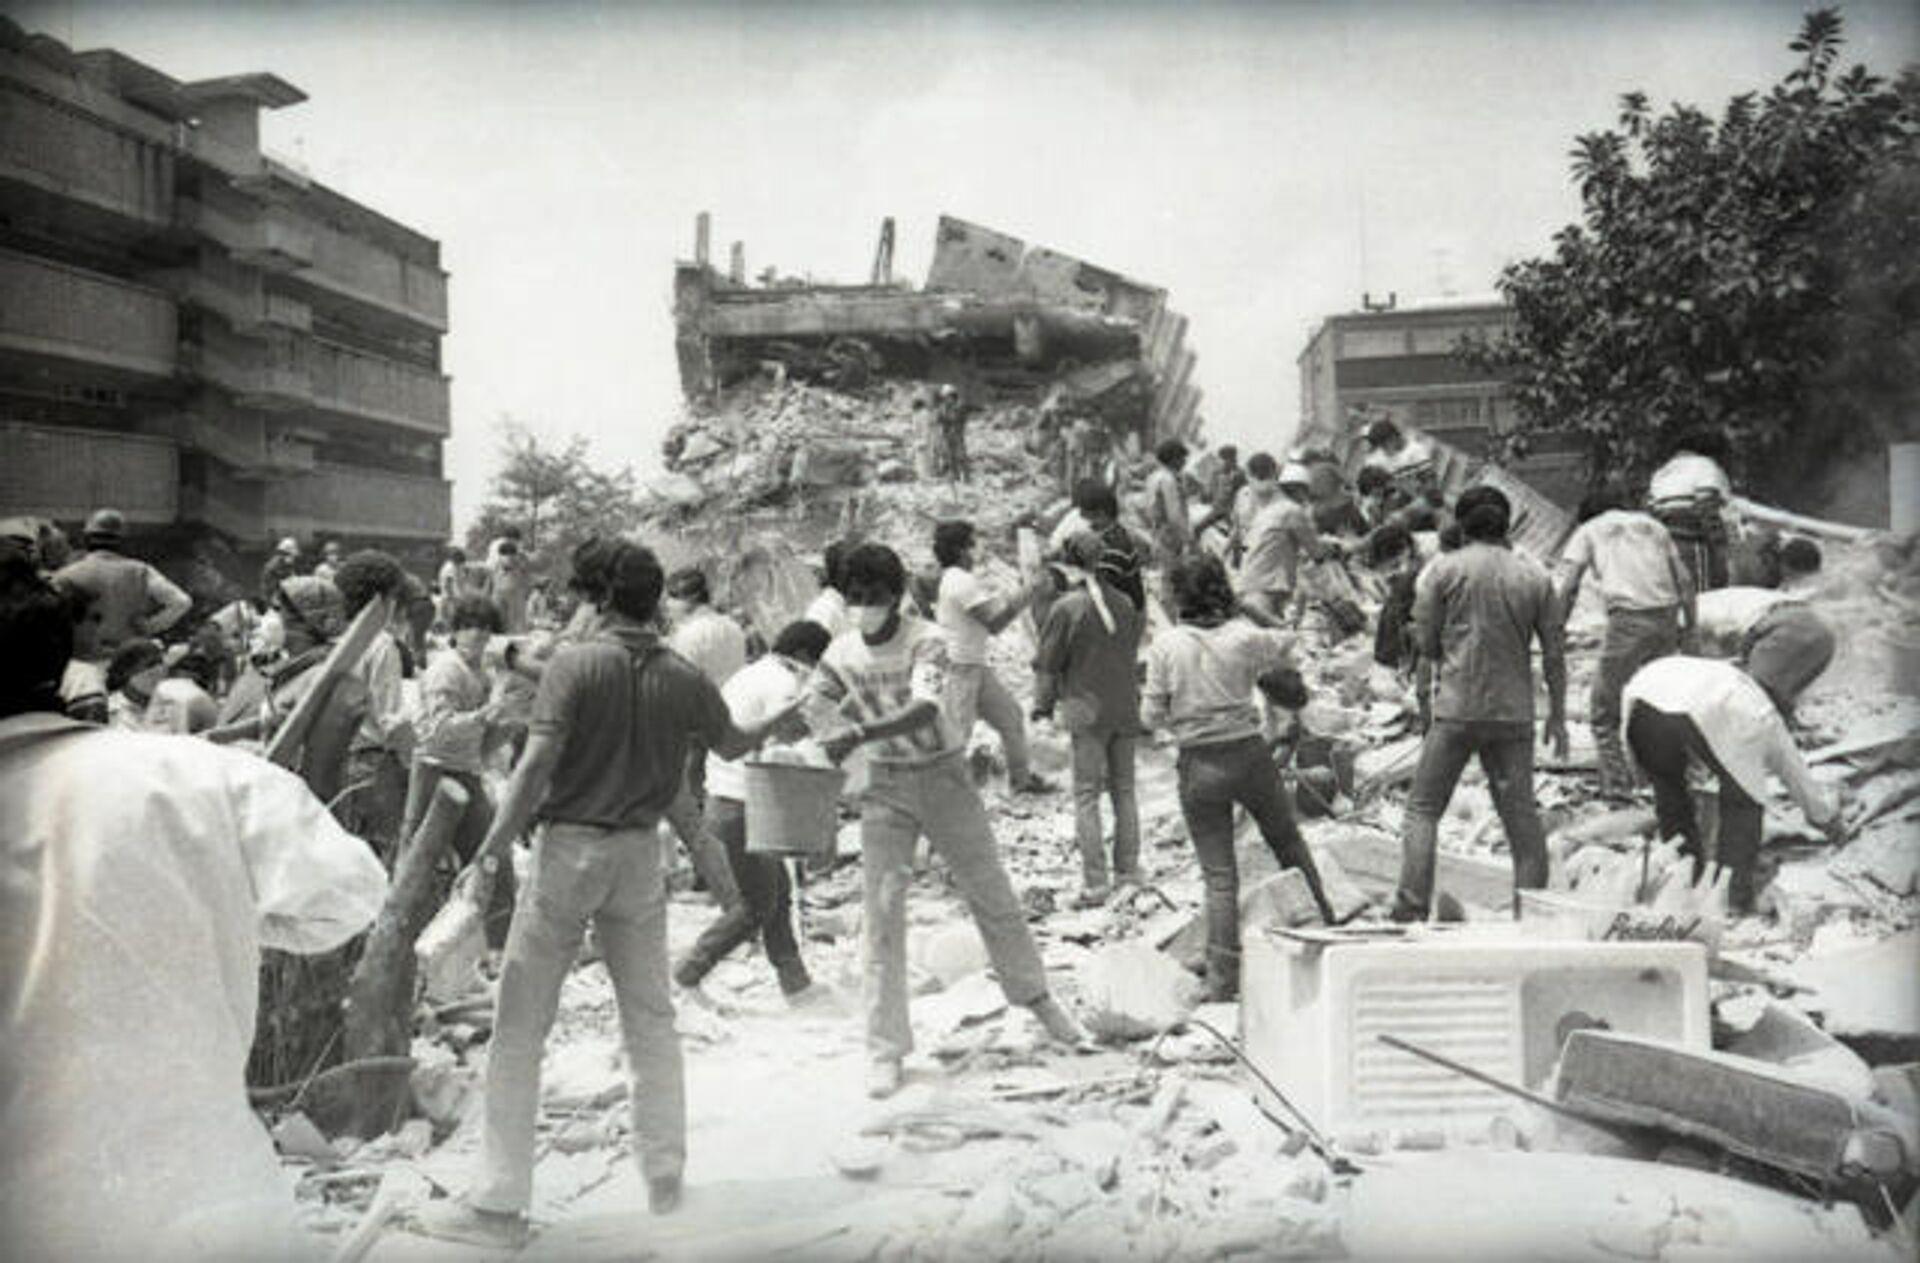 El terremoto del 85 afectó, sobre todo, la zona centro de la CDMX - Sputnik Mundo, 1920, 18.09.2021